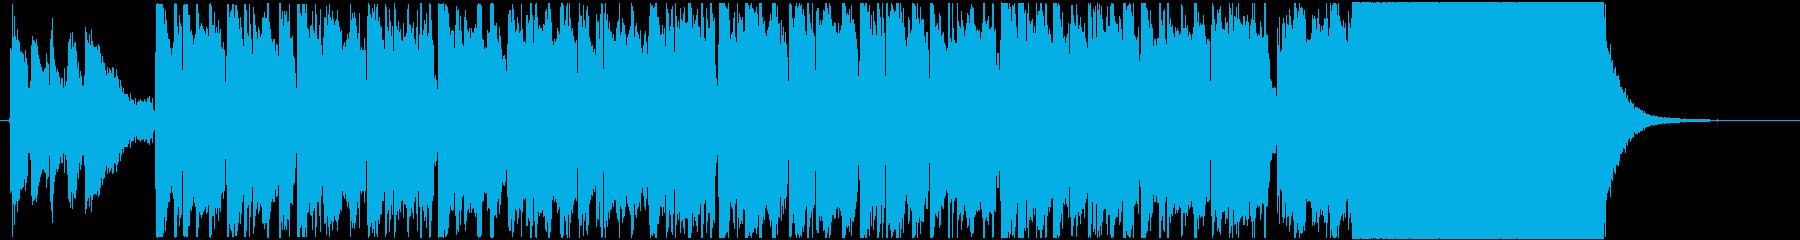 鬱々→晴々/鉄琴/最後にファンファーレの再生済みの波形